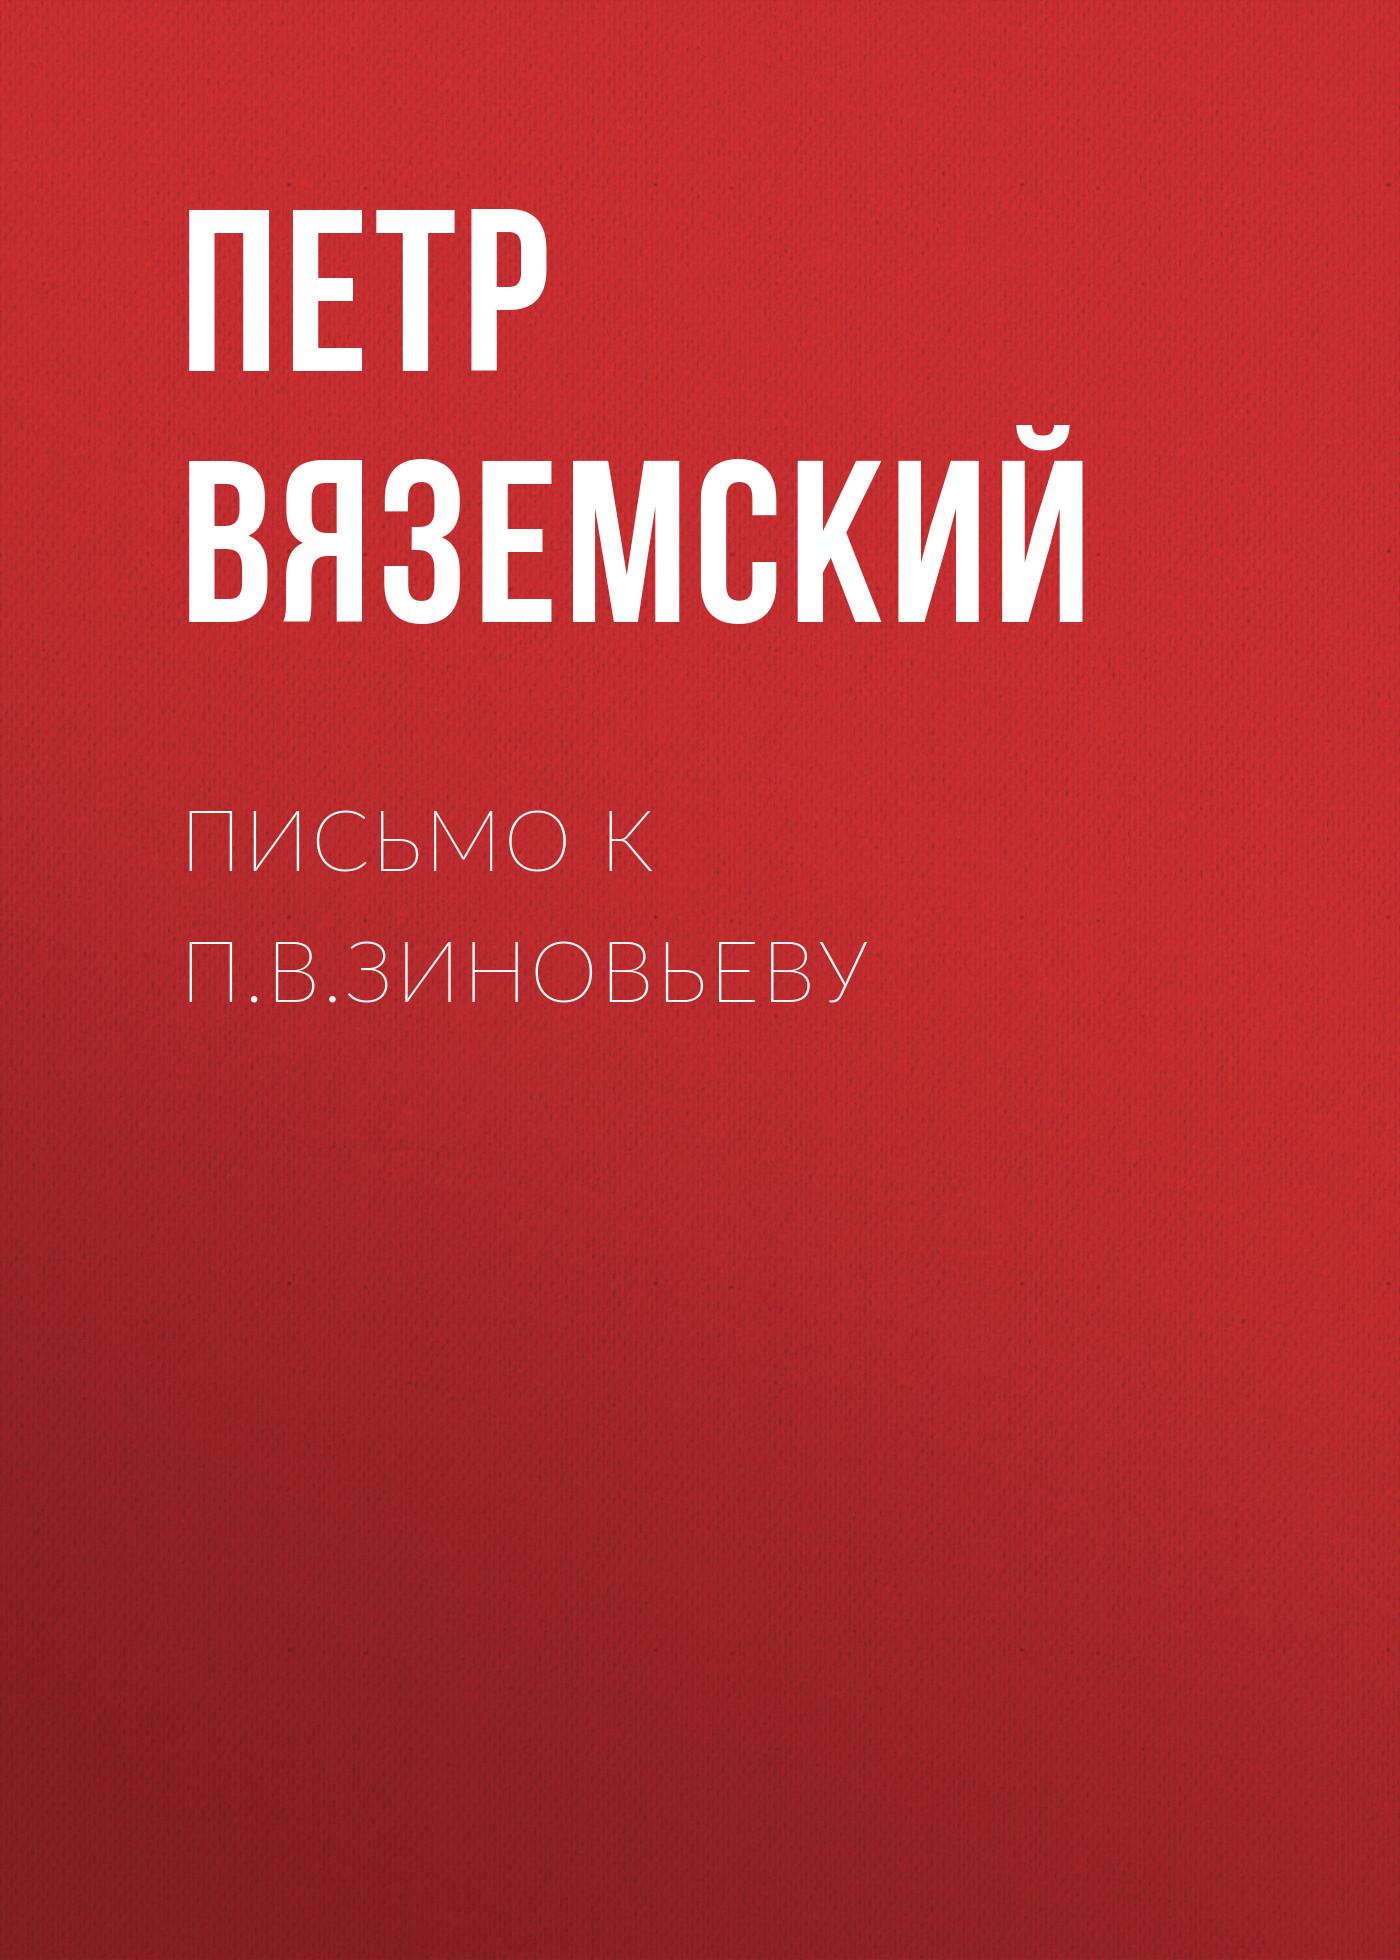 Петр Вяземский Письмо к П.В.Зиновьеву